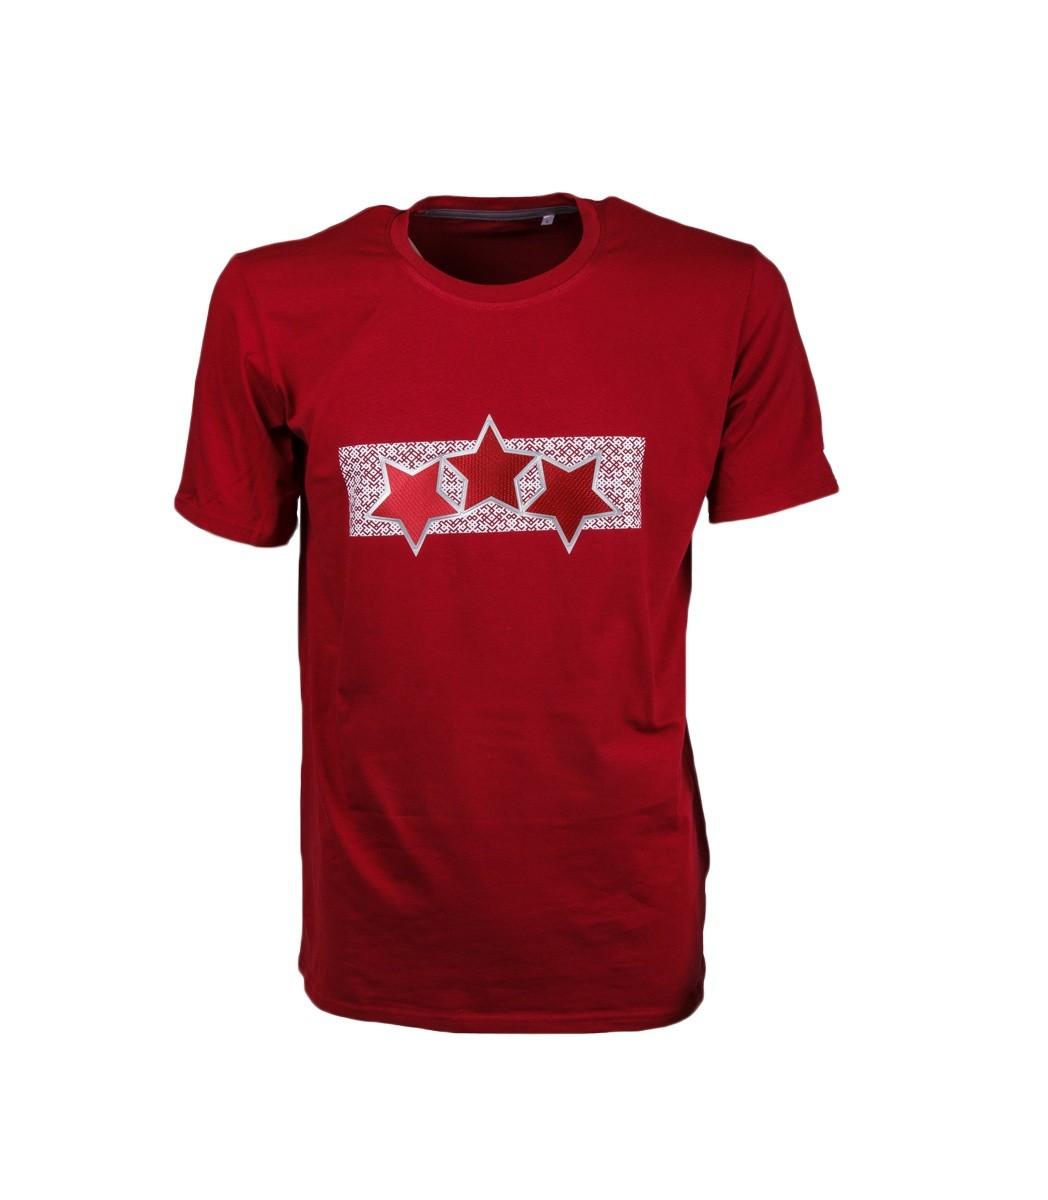 Junioru Latvijas Trīs Zvaigžņu T-Krekls